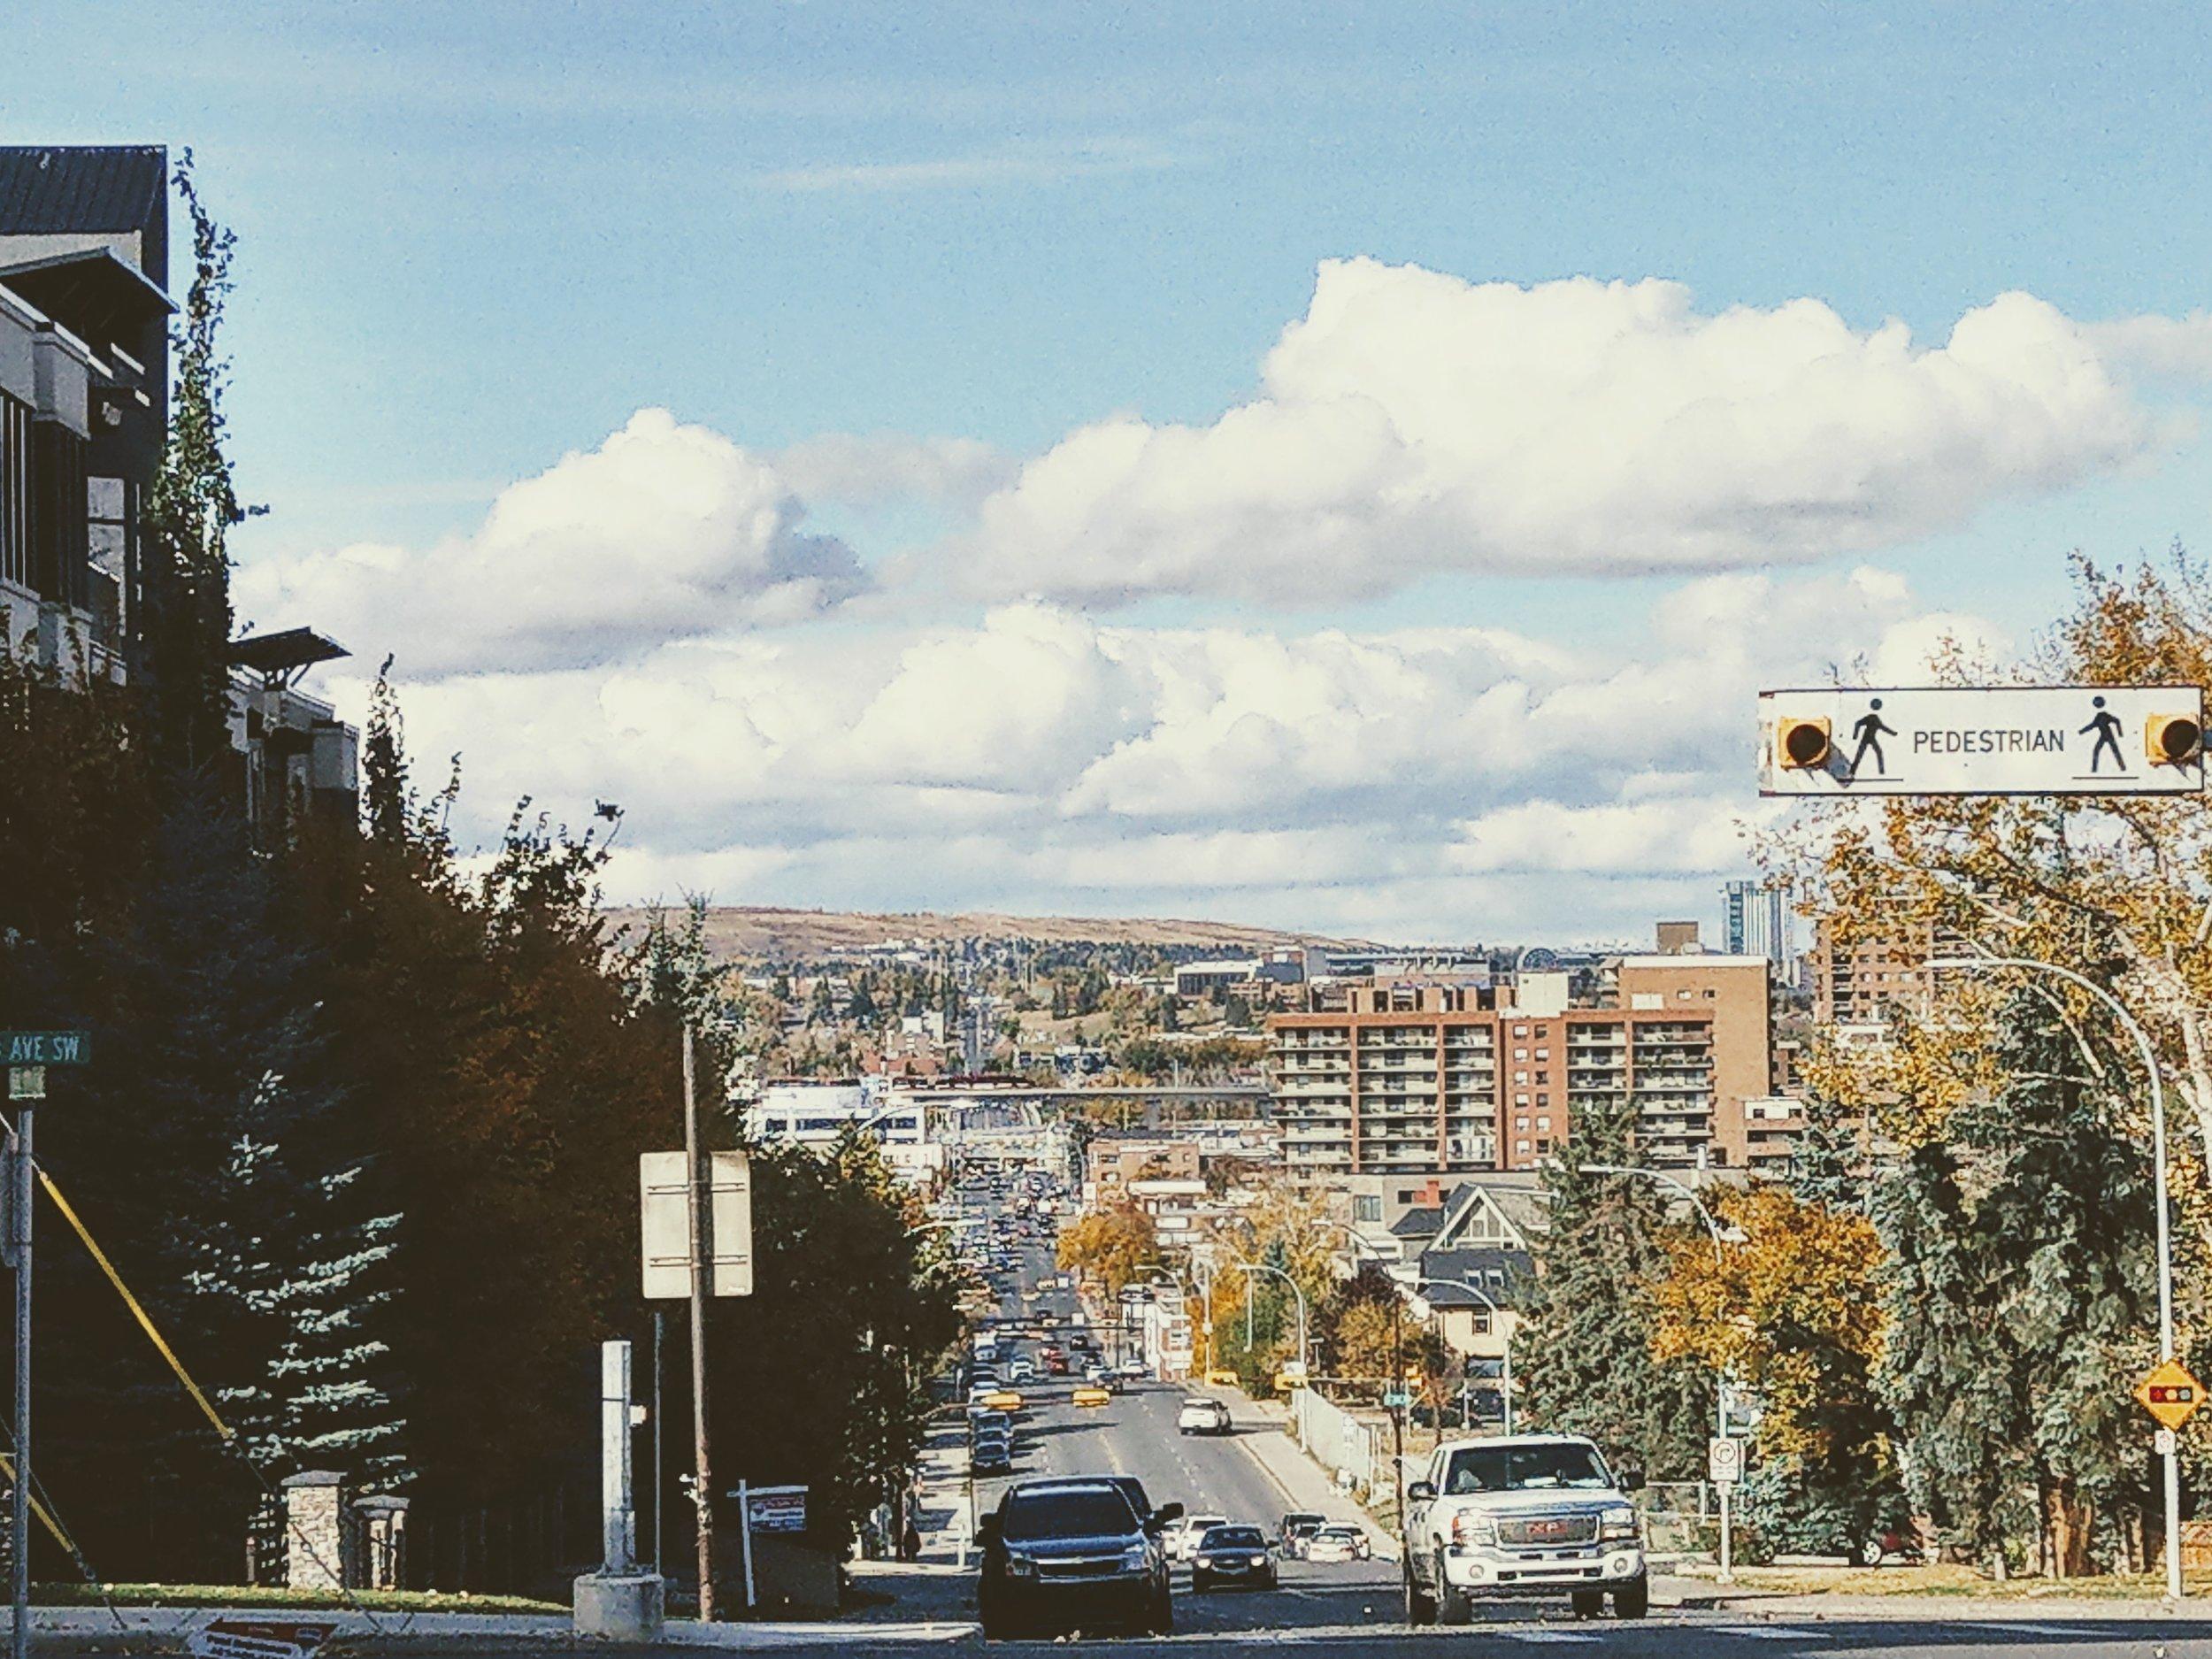 South Calgary